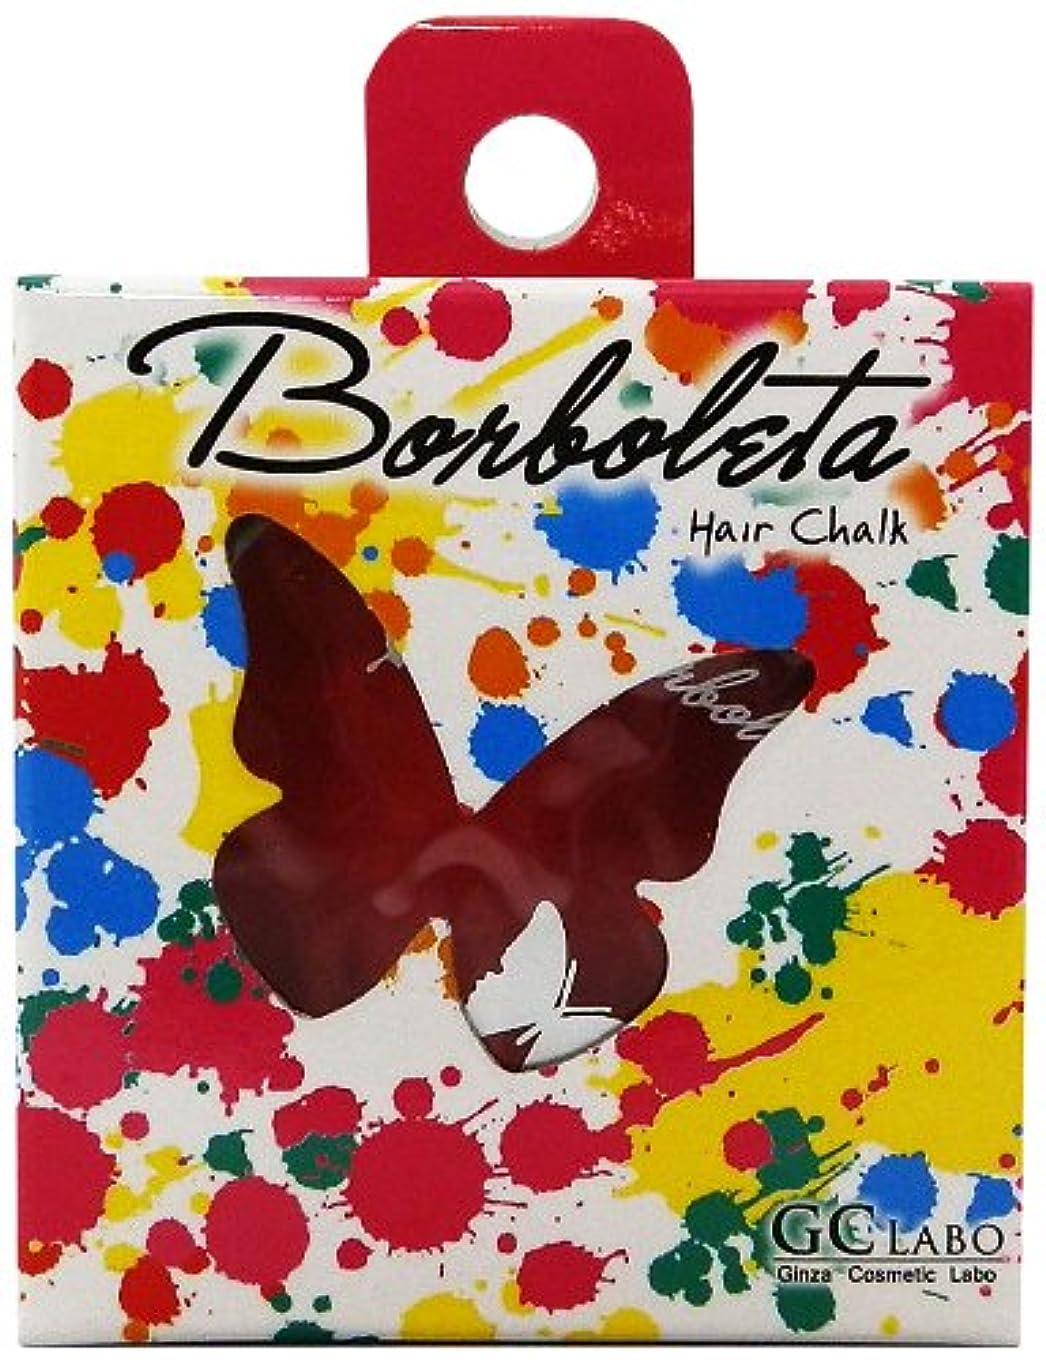 メドレー怒り実験室BorBoLeta(ボルボレッタ)ヘアカラーチョーク ピンク